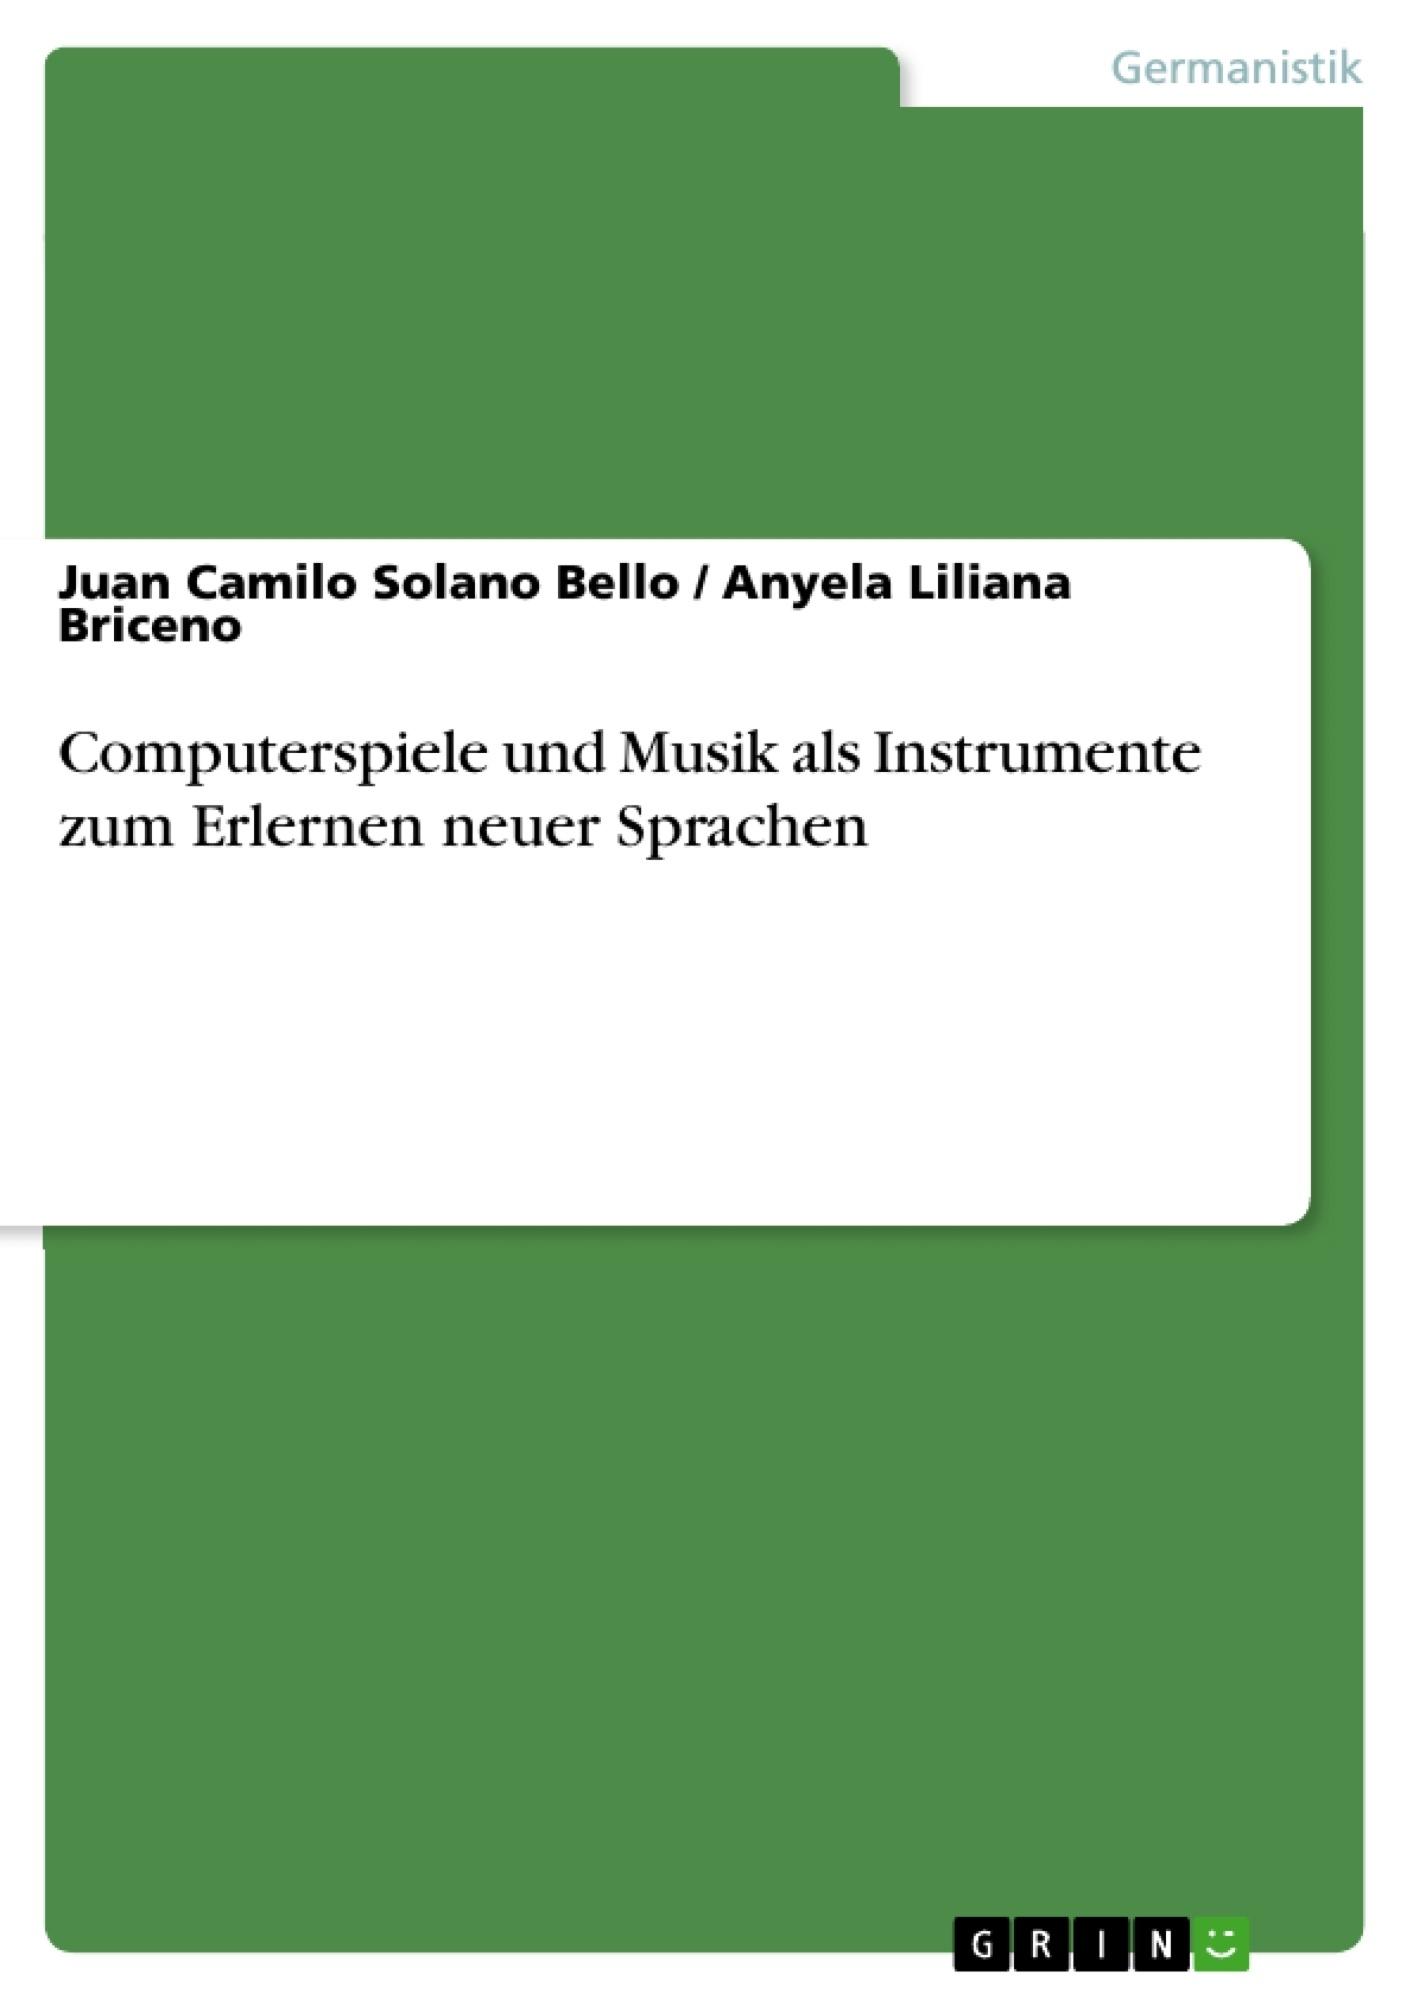 Titel: Computerspiele und Musik als Instrumente zum Erlernen neuer Sprachen